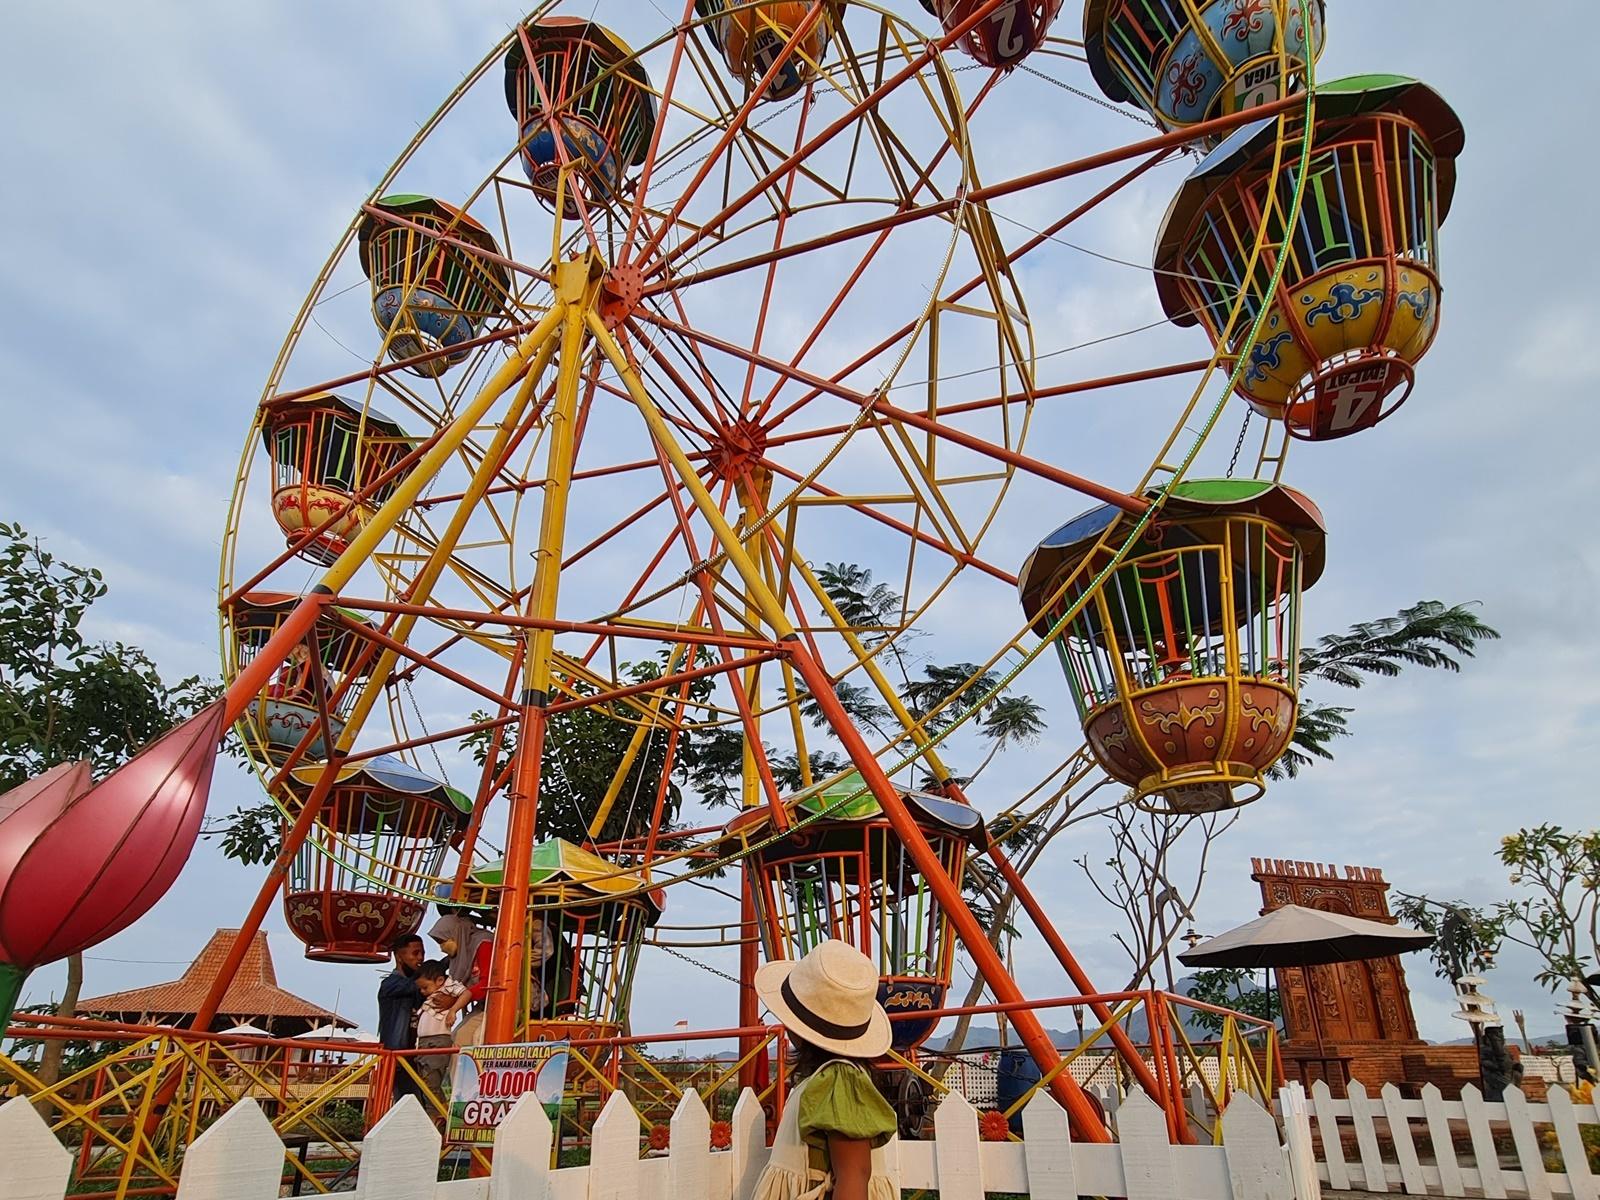 Nangkula Park Sudah dilengkapi wahana permainan